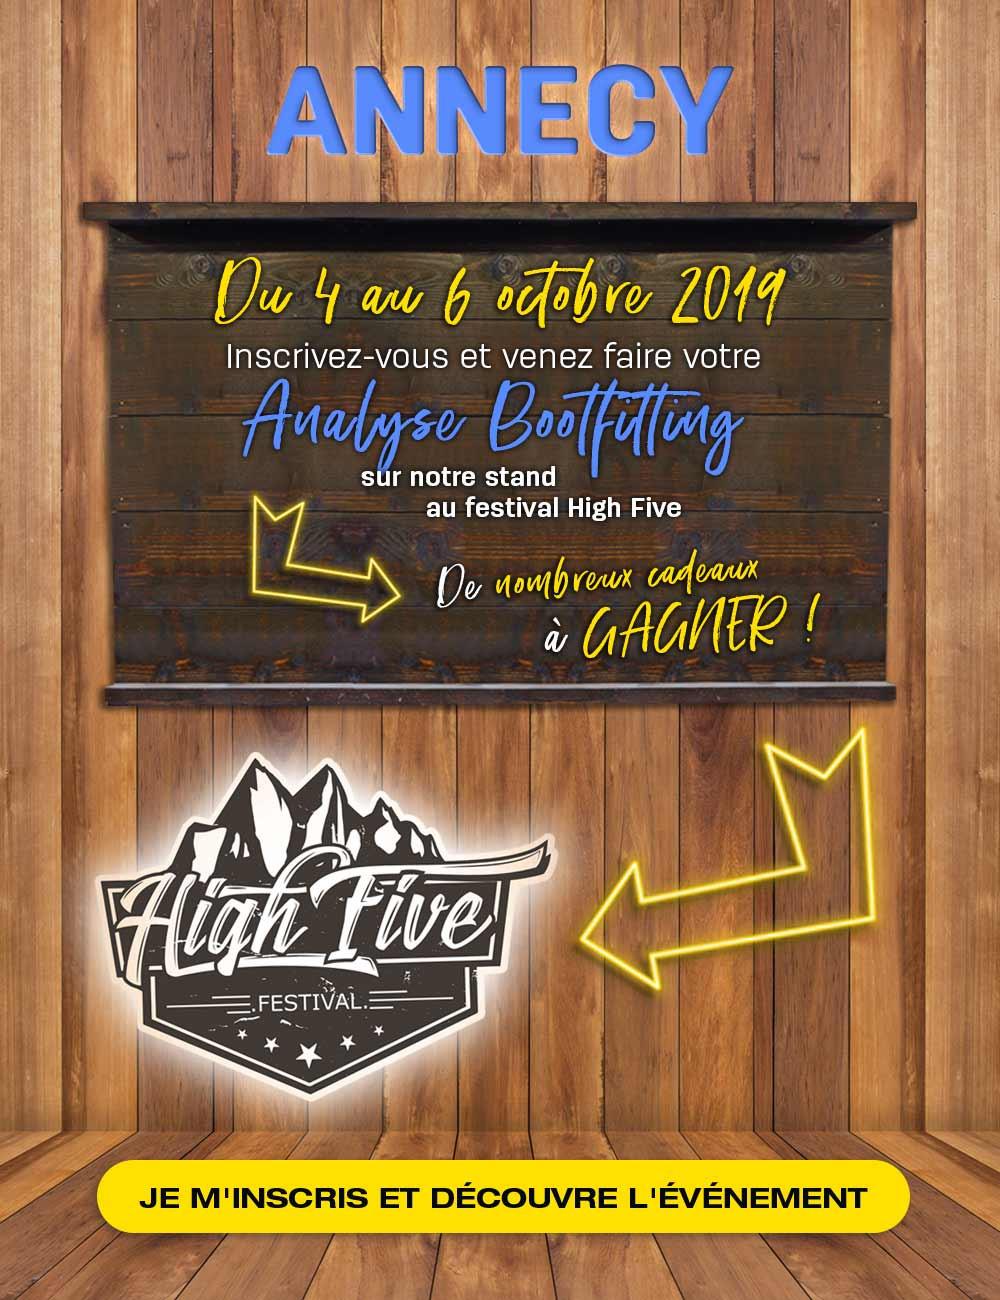 Retrouvez-nous sur le High Five Festival et inscrivez-vous pour faire votre analyse bootfitting gratuitement